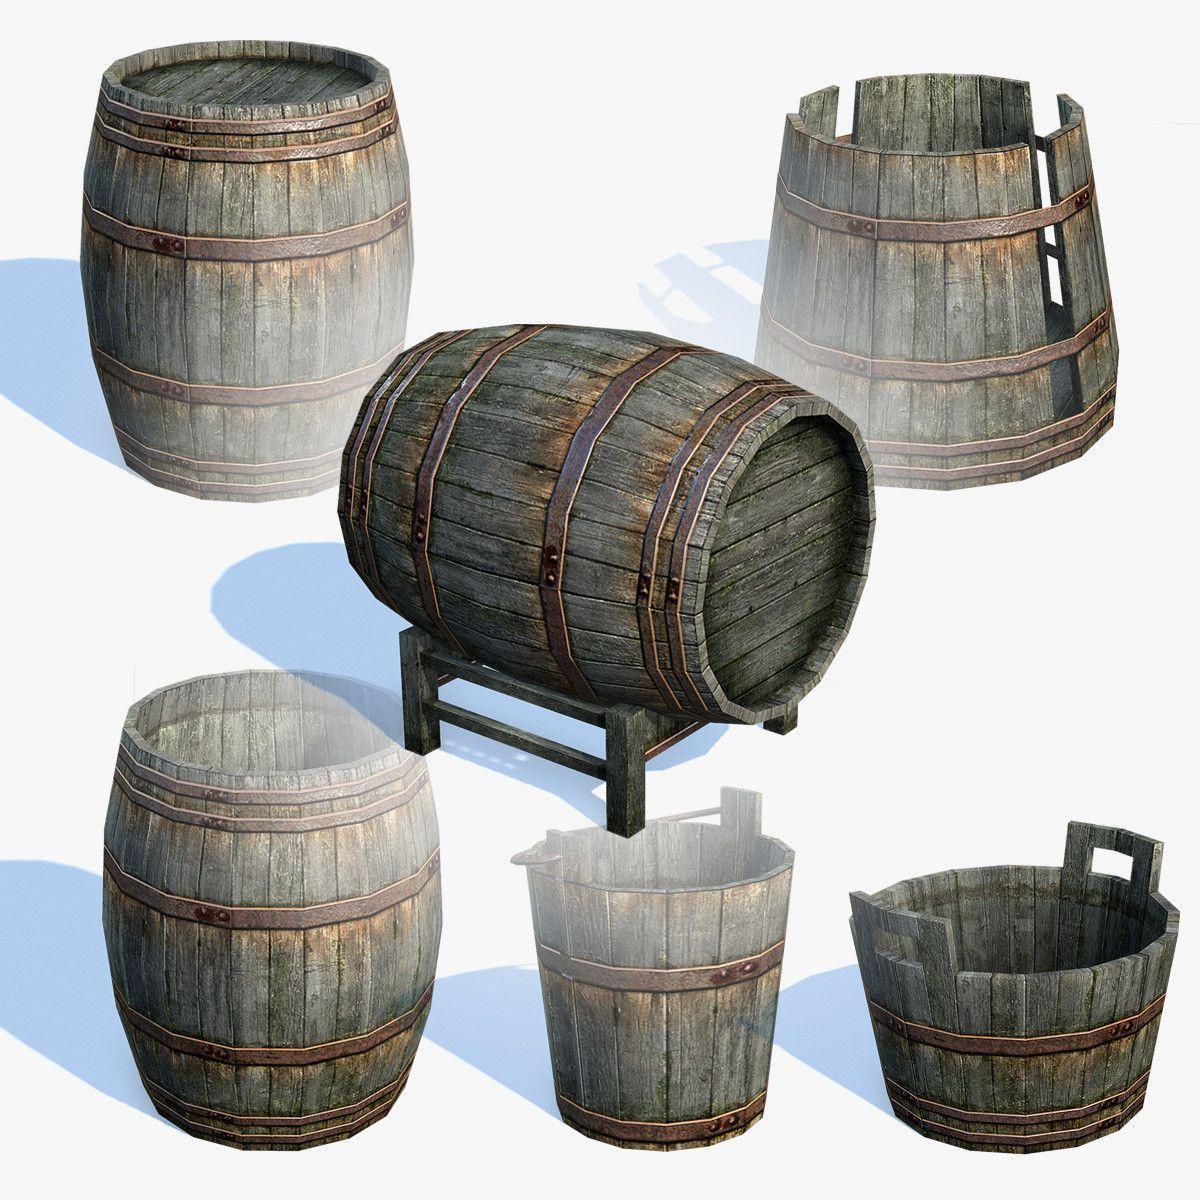 Low Poly Old Wooden Barrels 3d Max 3d Model Wooden Barrel Barrel Wooden